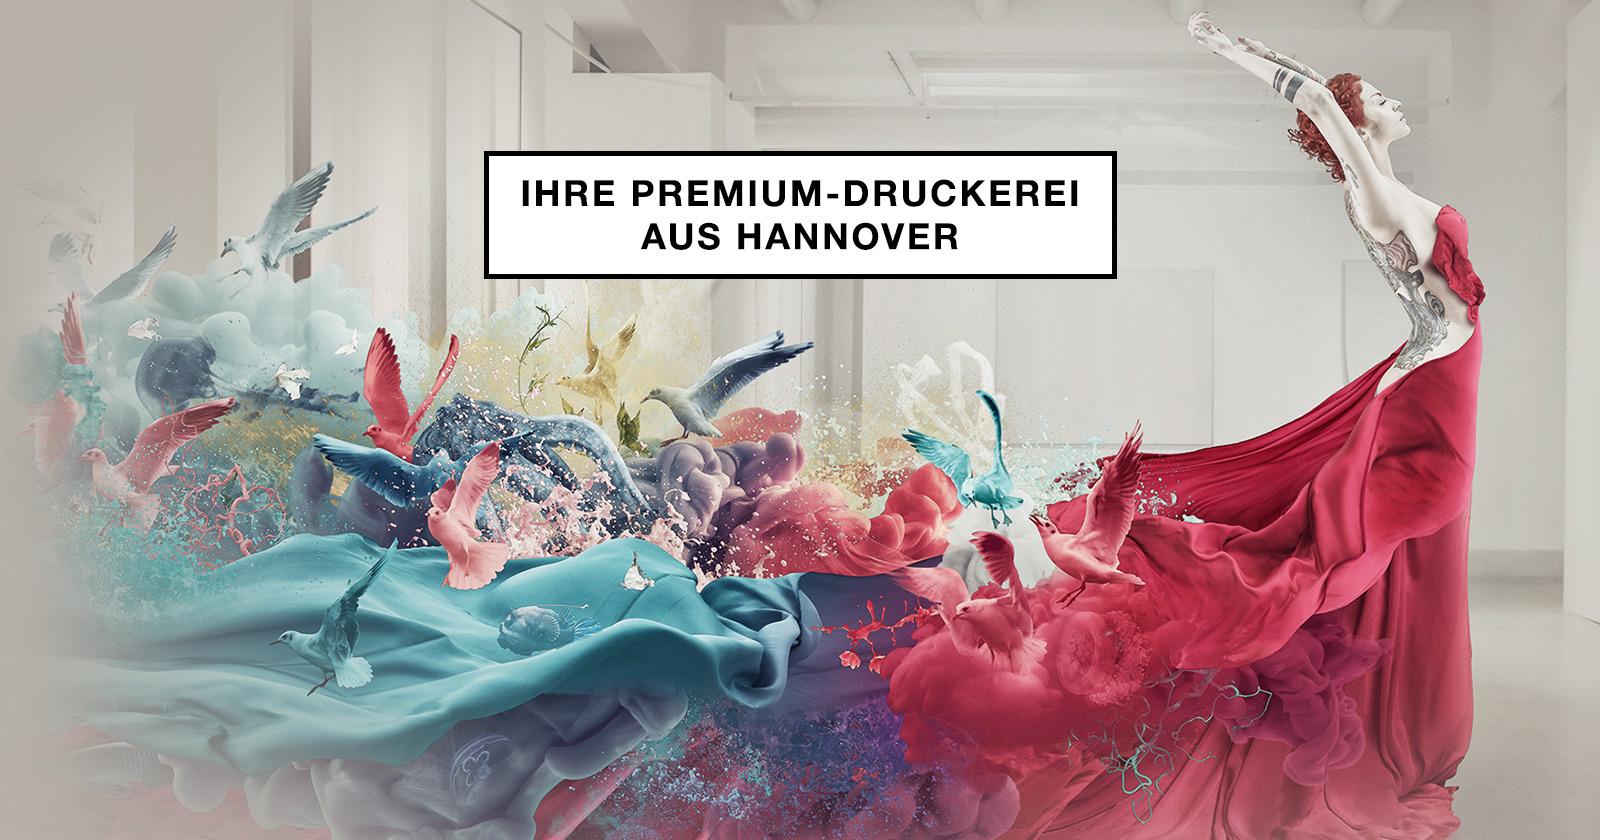 Druckteam Ist Die Schnelle Druckerei Aus Hannover